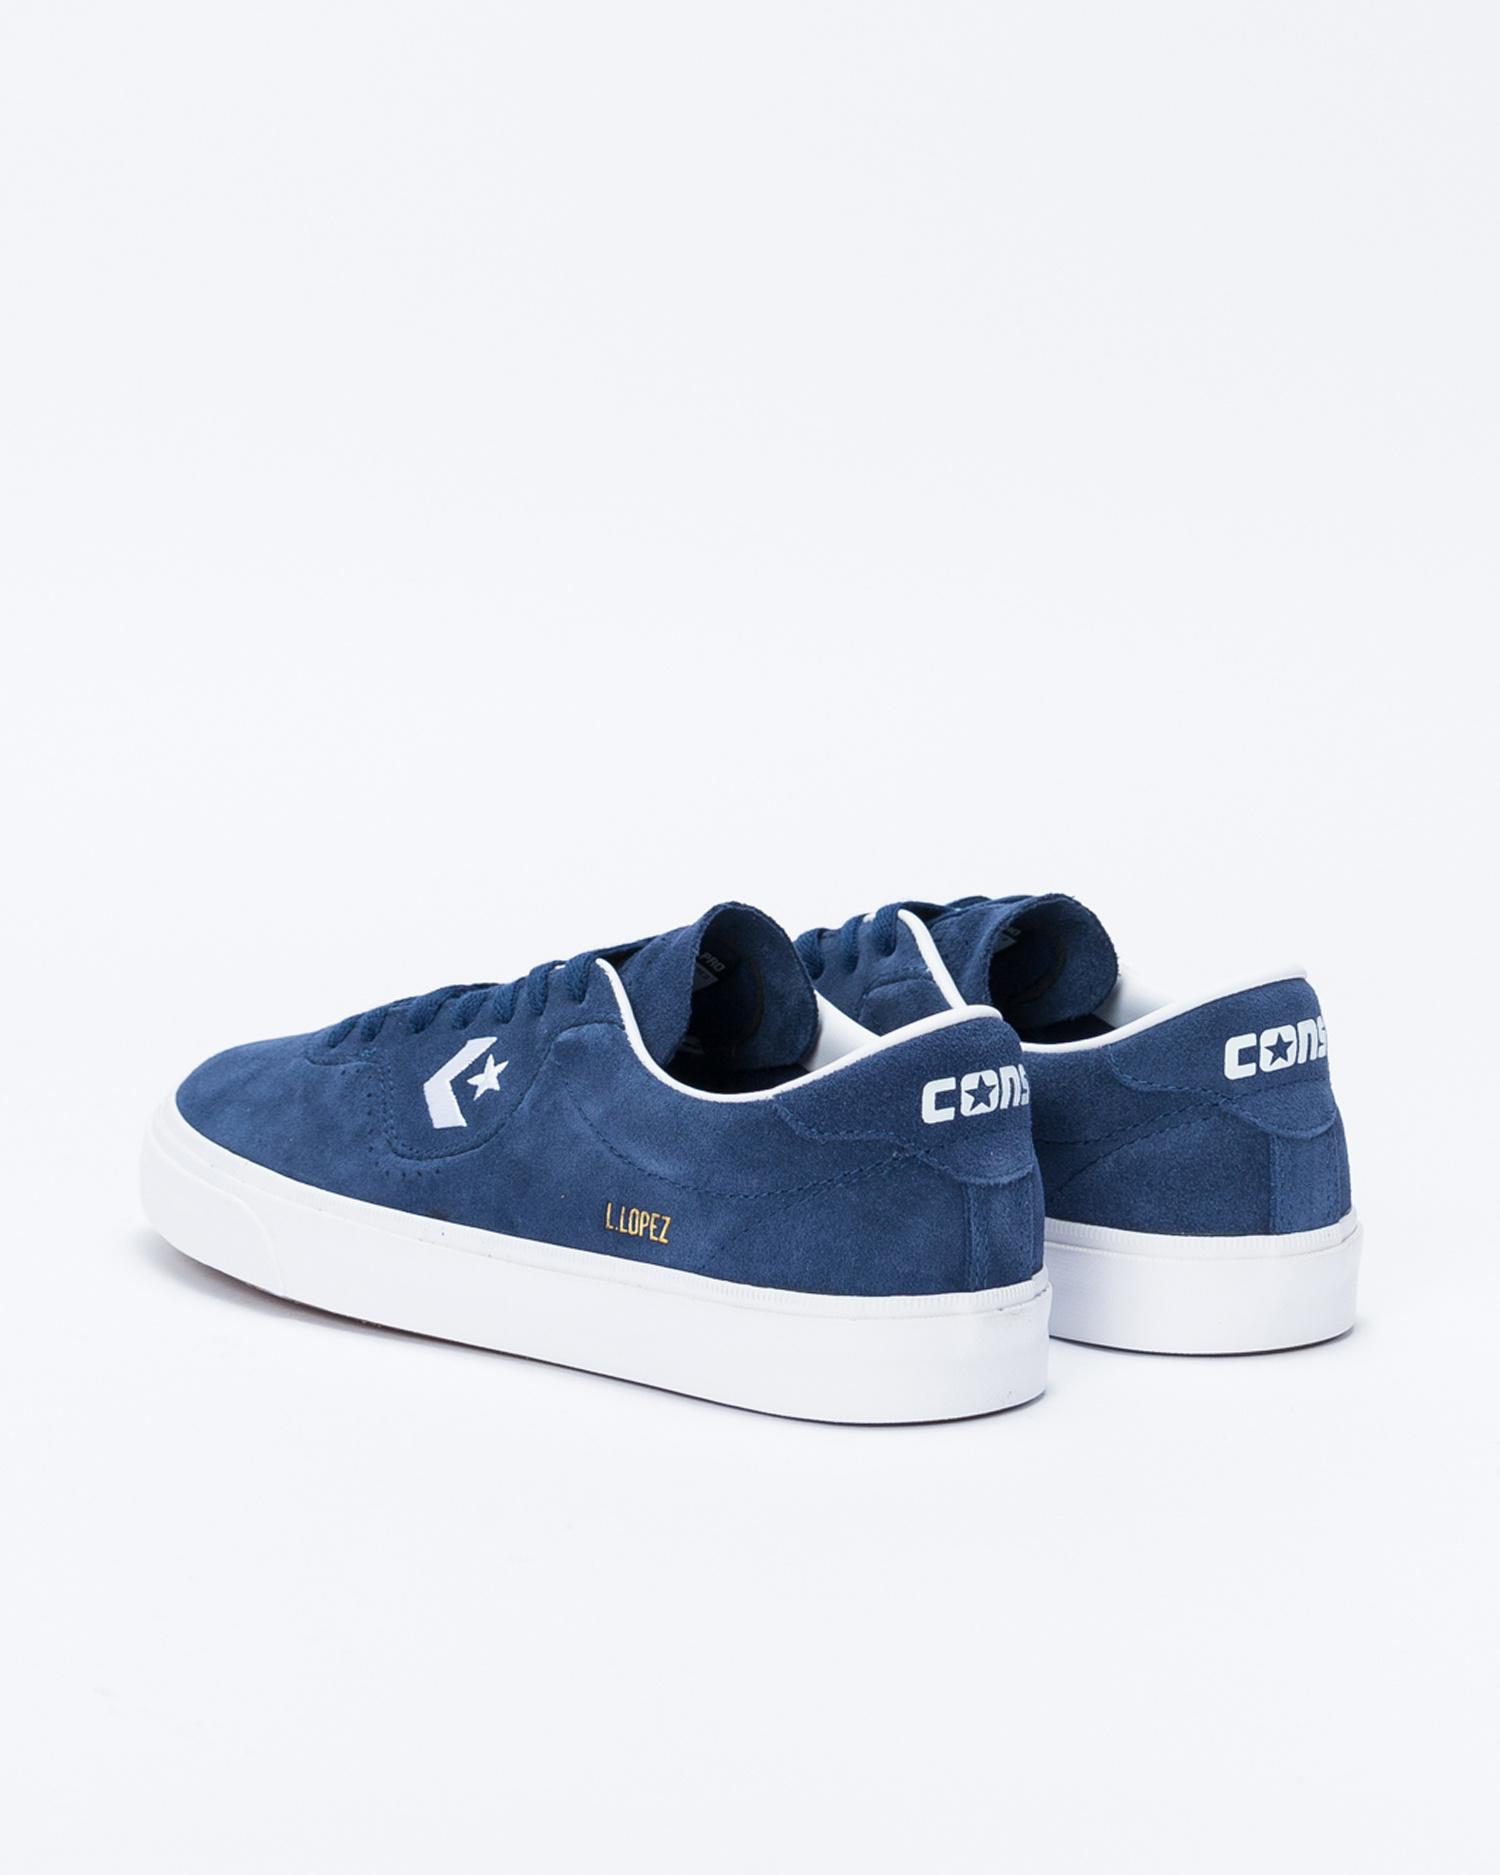 Converse Louie Lopez Pro Ox Navy/White/Gum